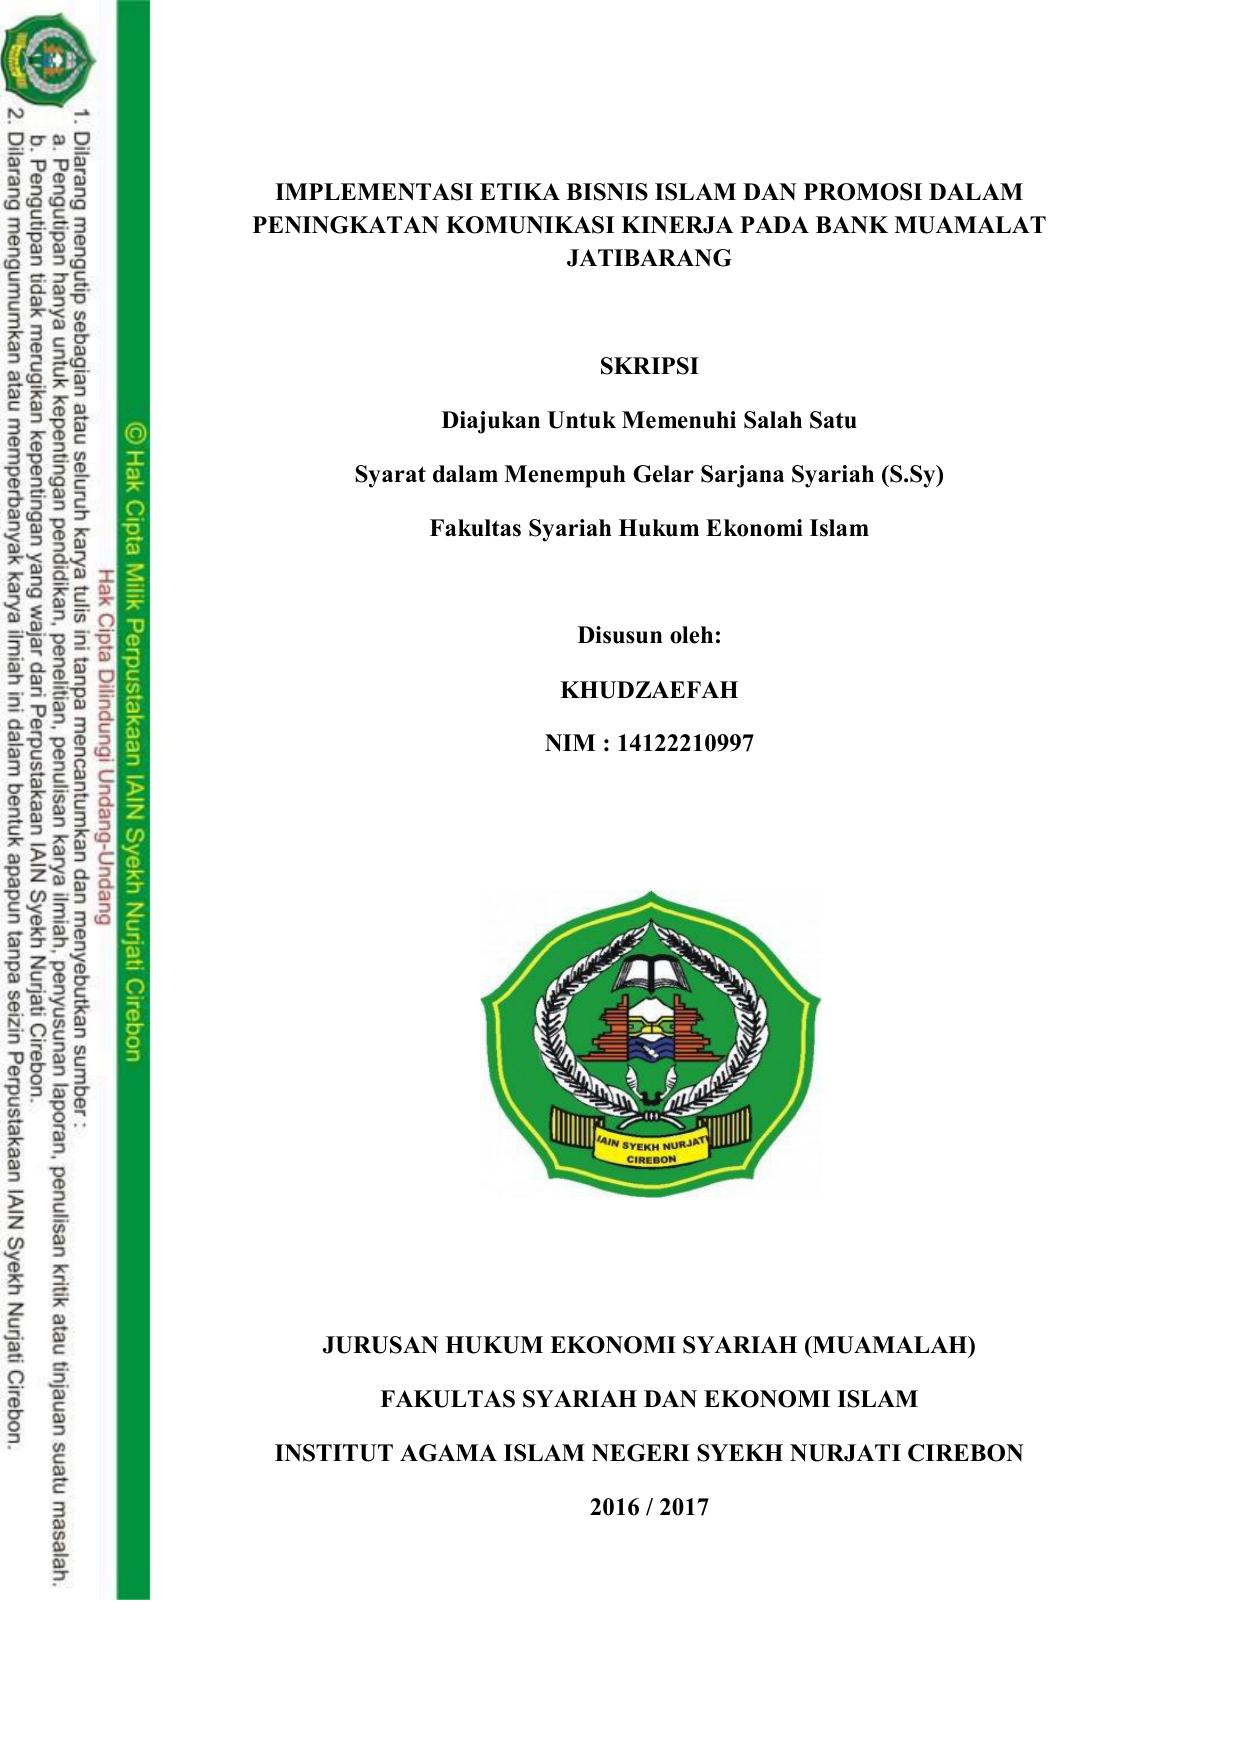 Implementasi Etika Bisnis Islam Dan Promosi Dalam